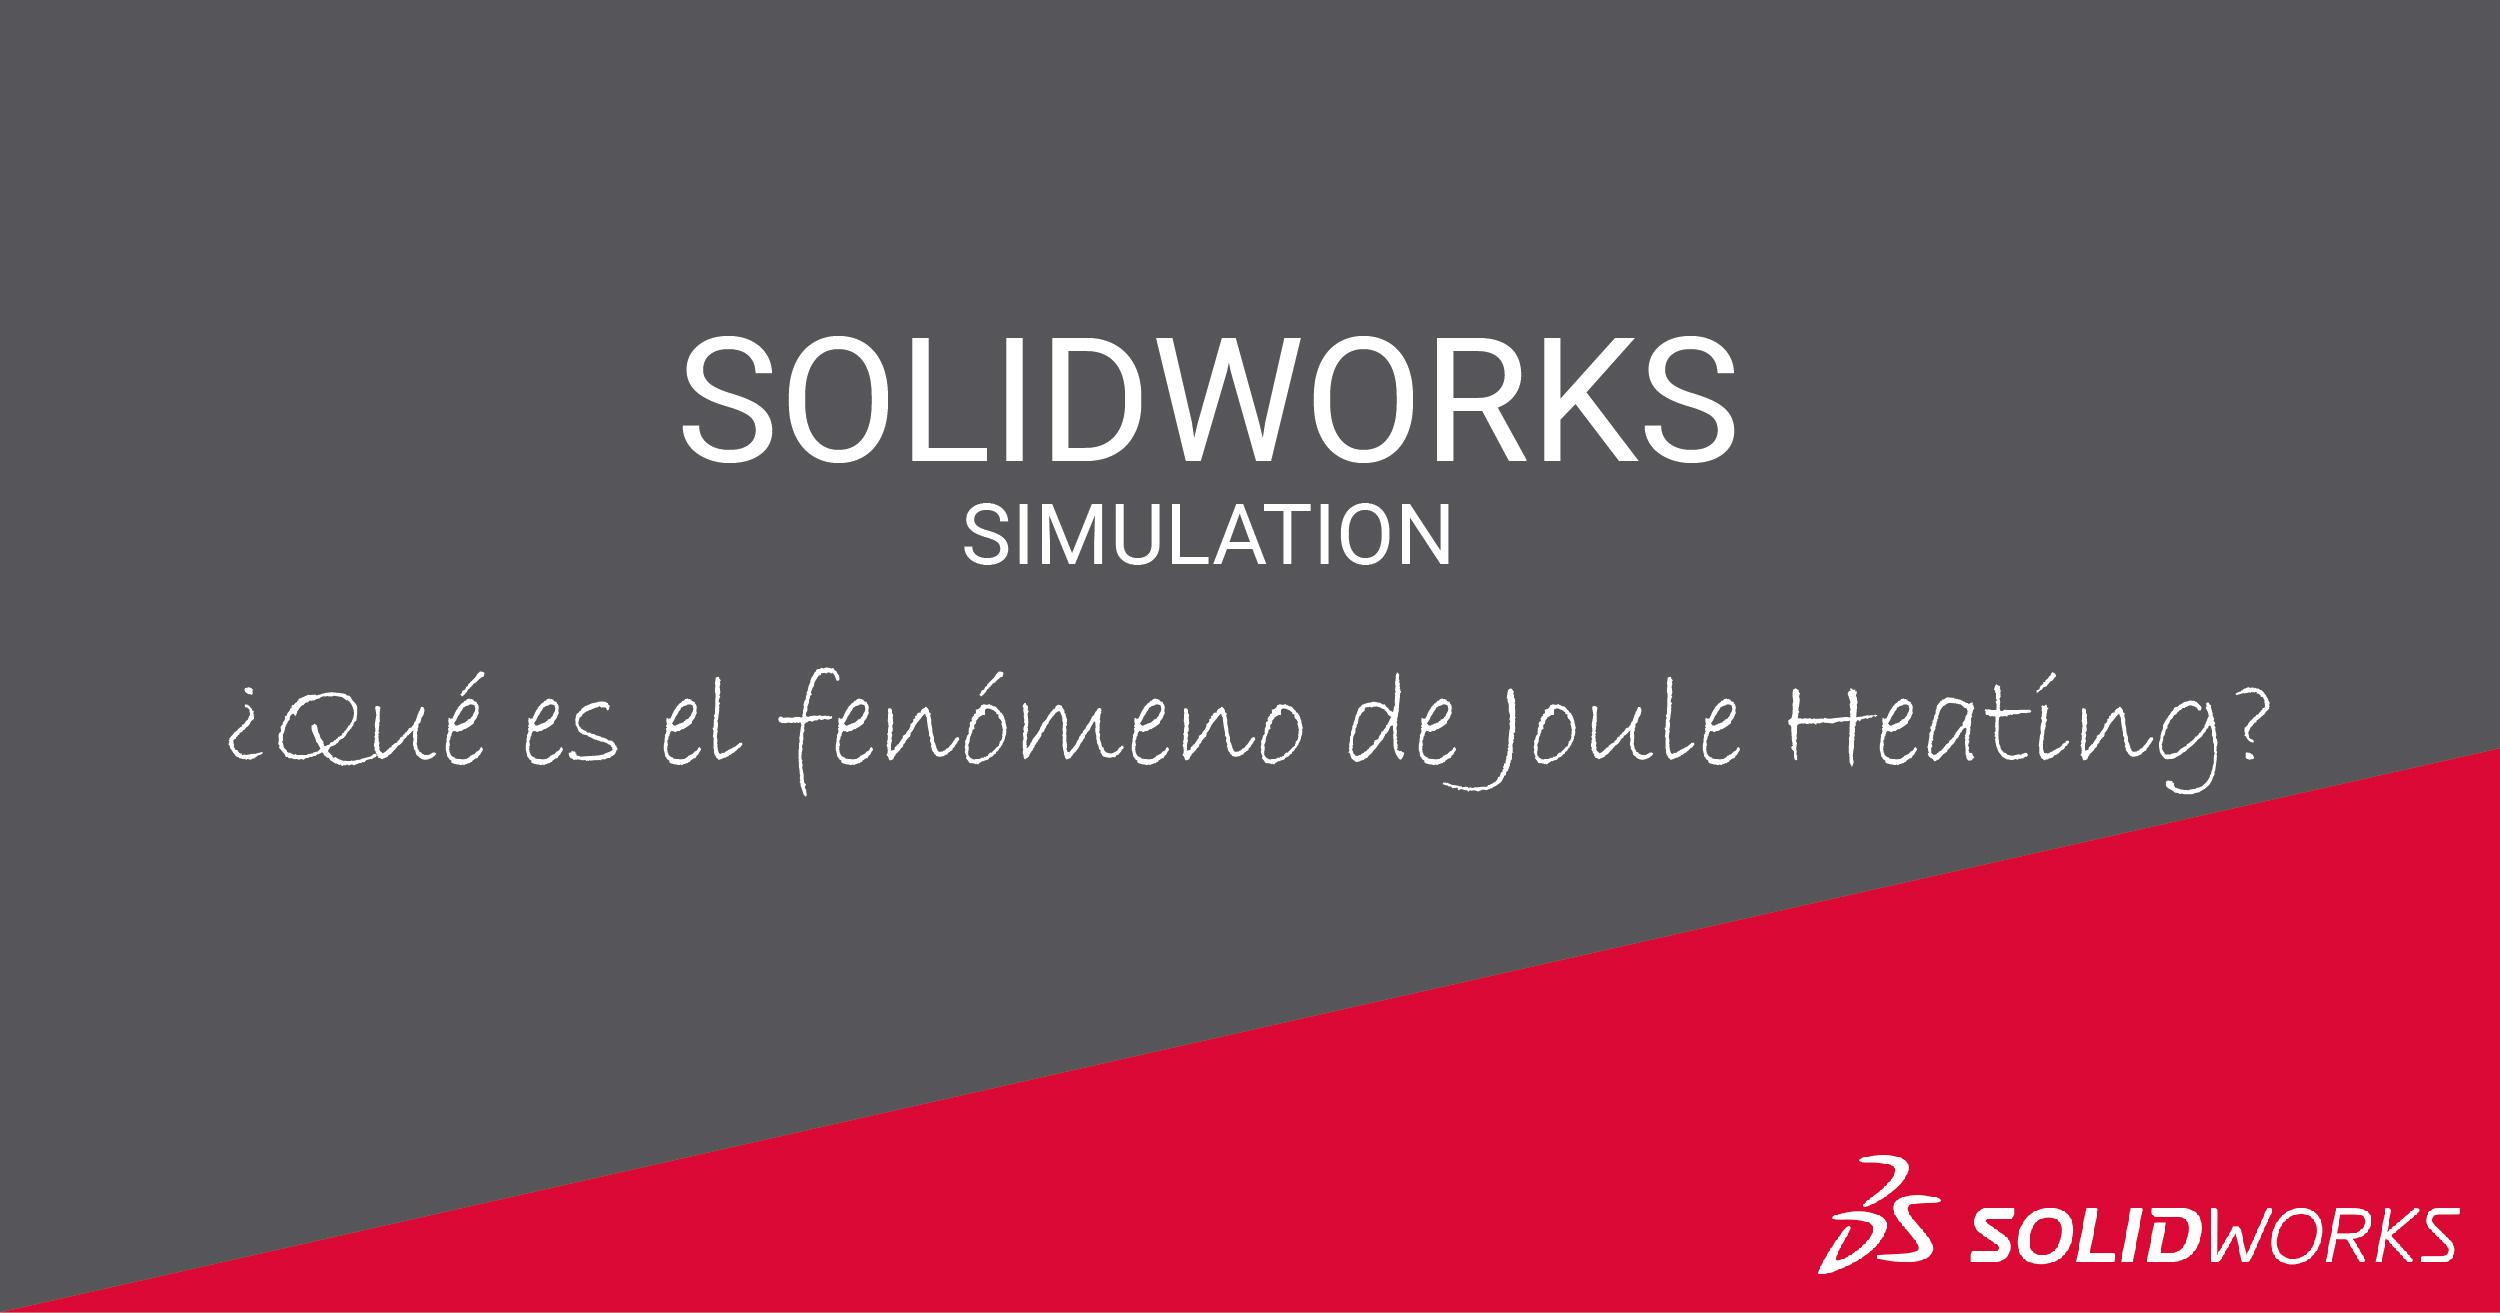 SOLIDWORKS Simulation. ¿Qué es el fenómeno Joule Heating Simulation?